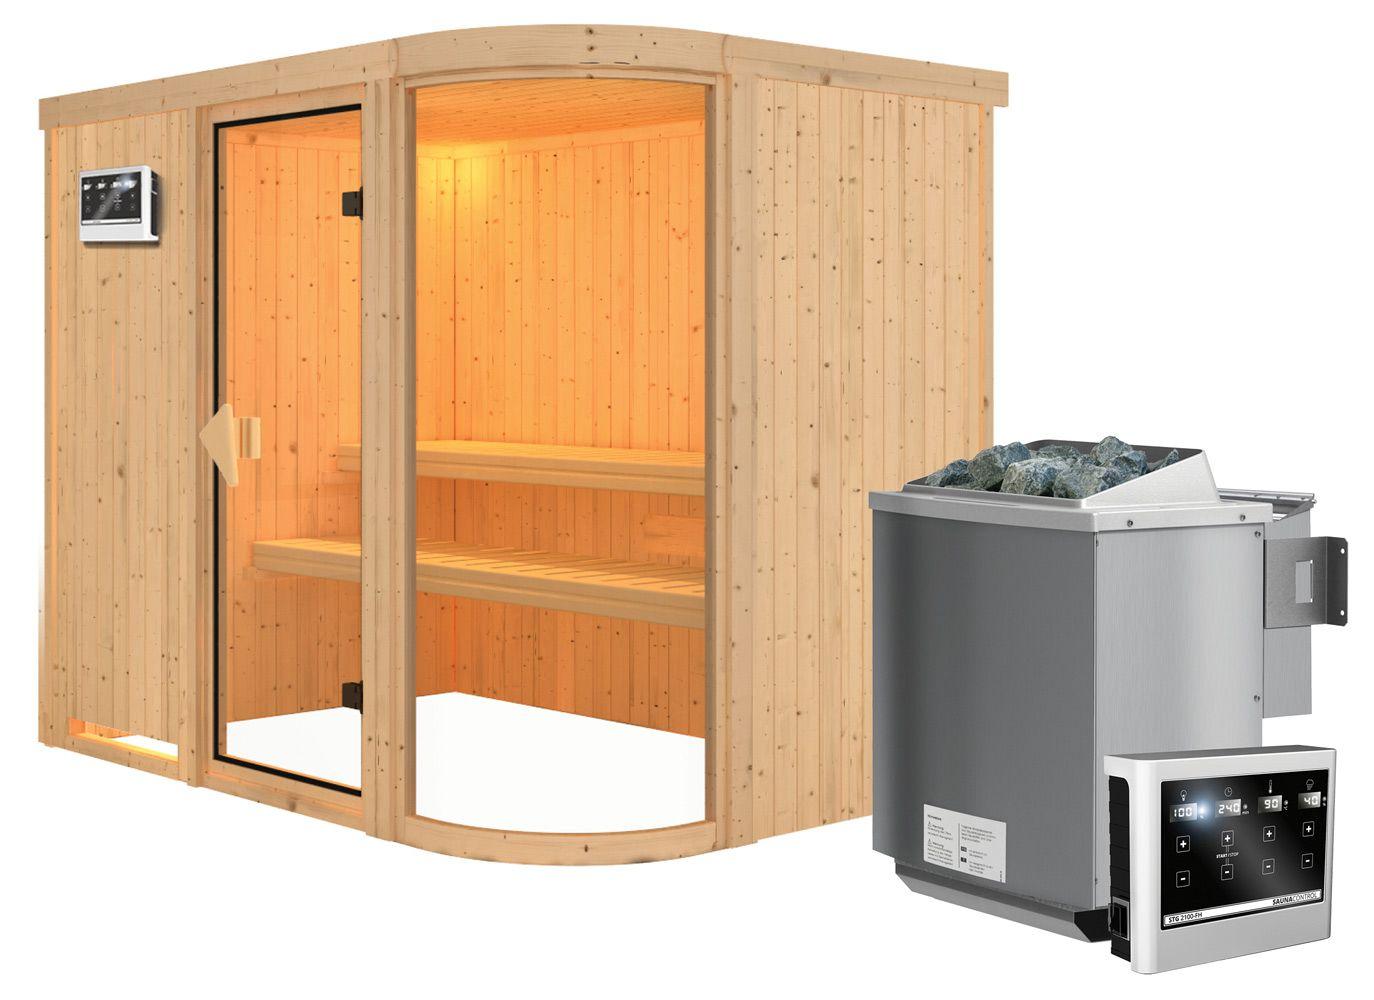 Sauna Vittoria 02, 68 mm Wandstärke - 231 x 170 x 198 cm (B x T x H) - Ausführung:inkl. Bio-Ofen mit externer Steuerung